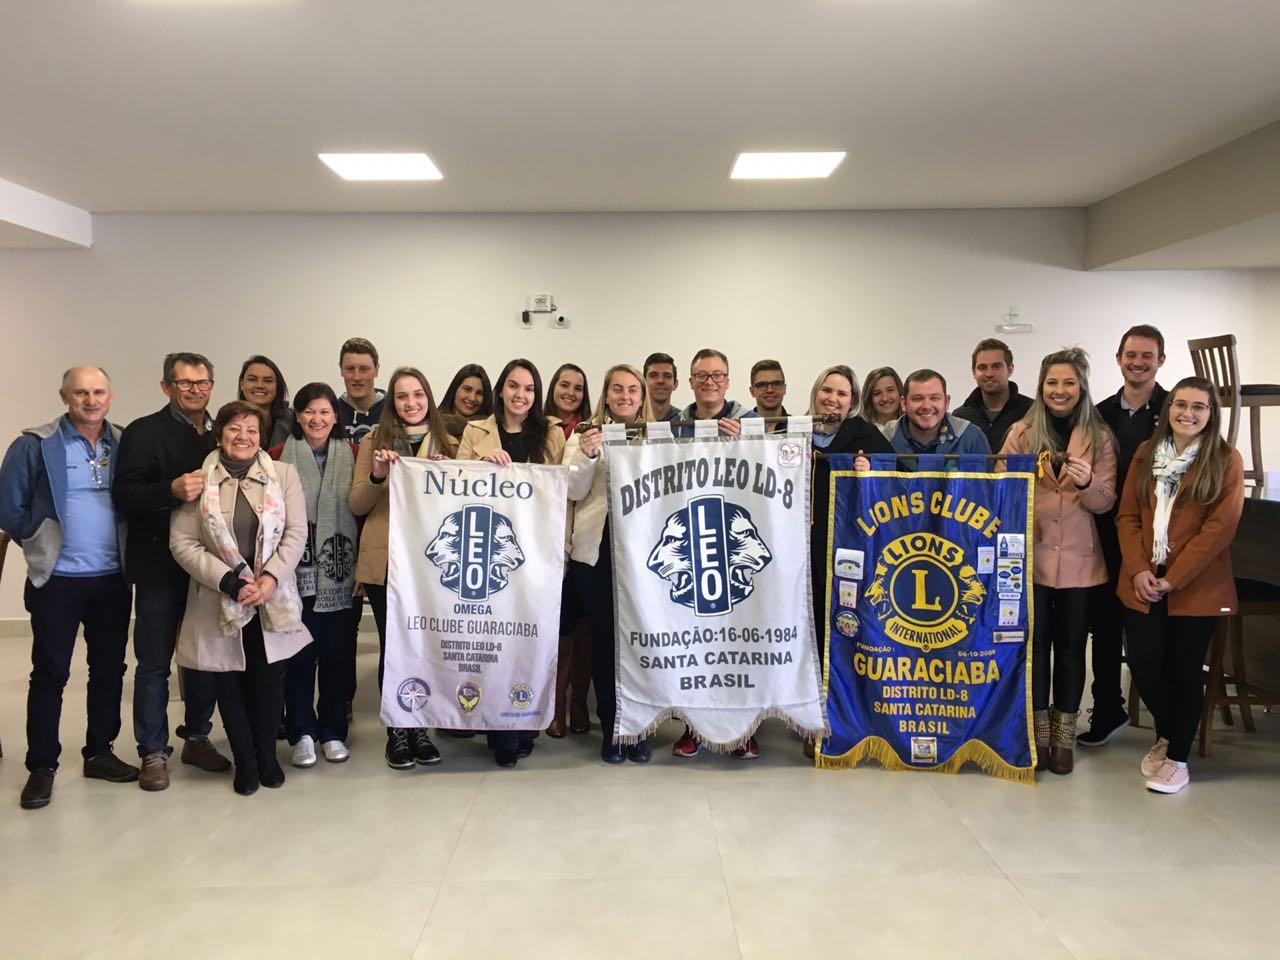 Fundação do LEO Clube ômega Guaraciaba acontece neste sábado